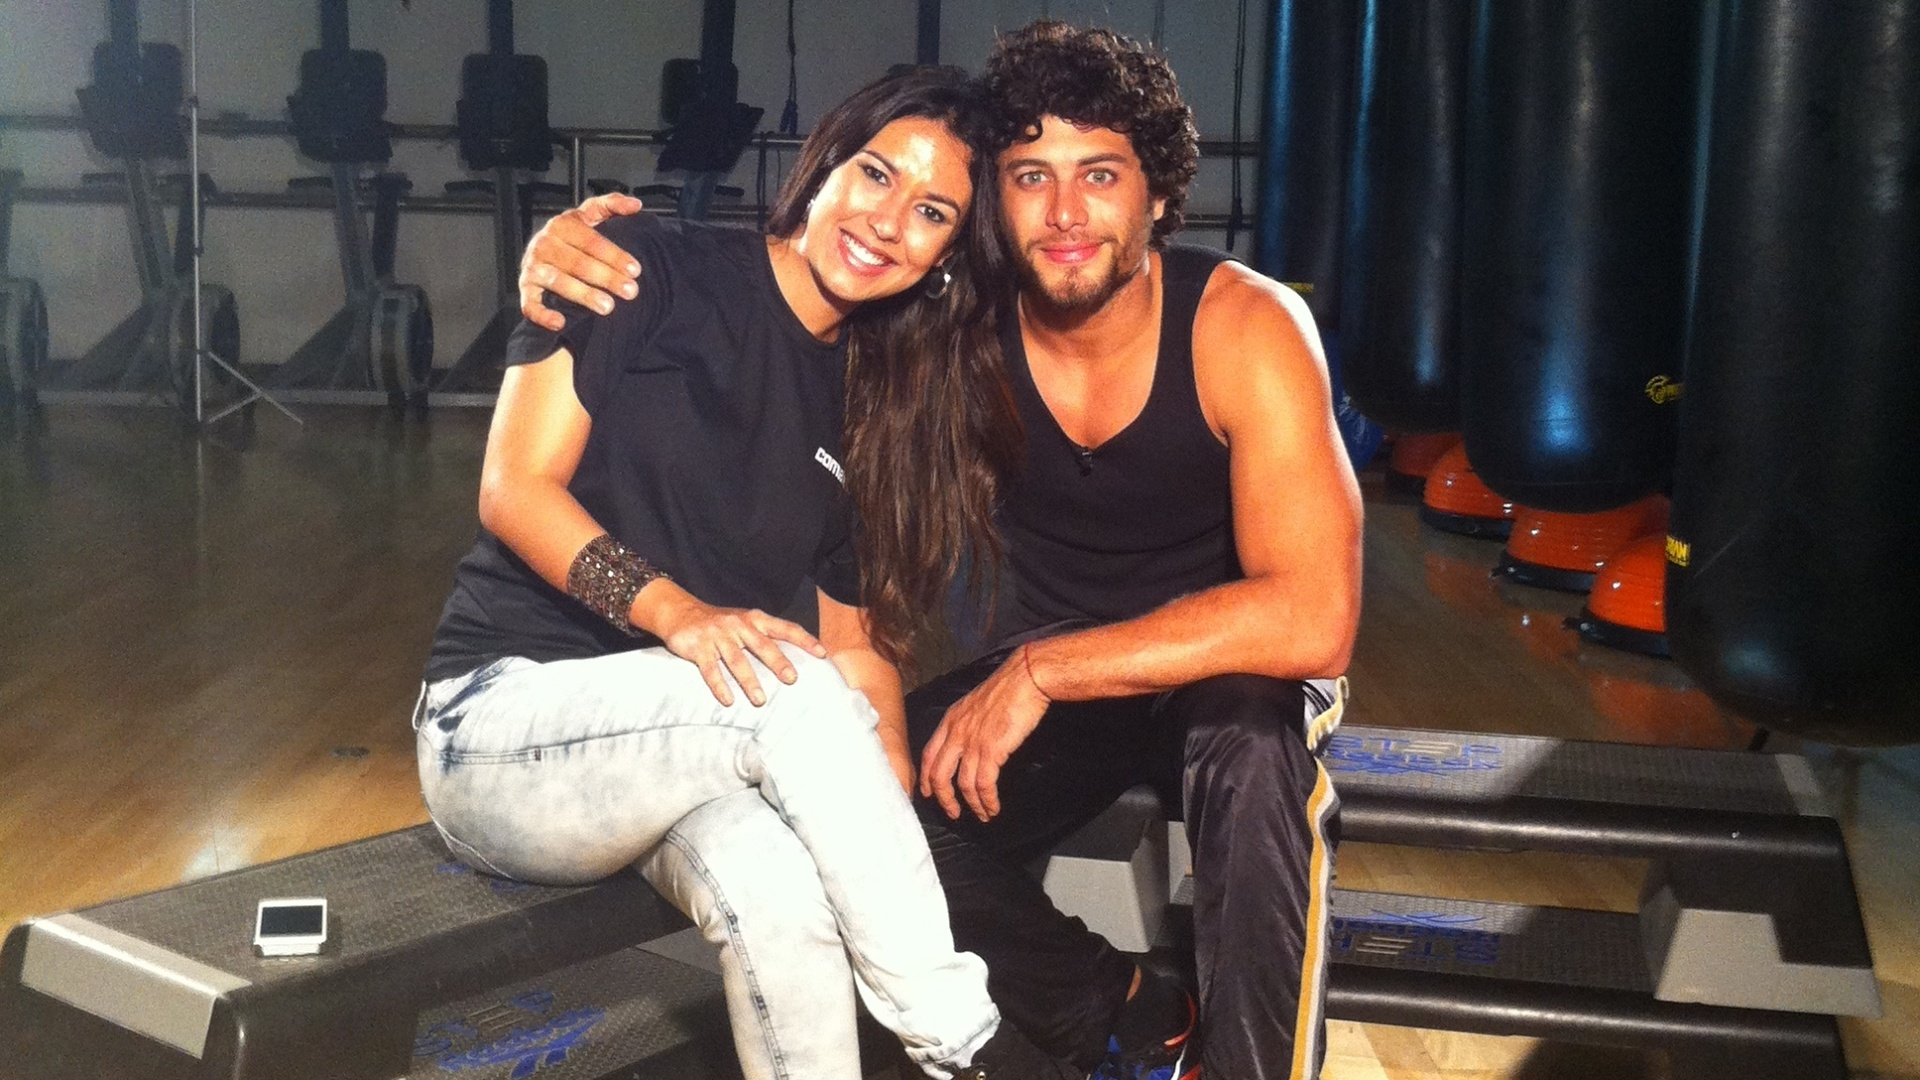 Fã de MMA, o modelo Jesus Luz fala da sua paixão por artes marciais, hoje, 22h, no canal Combate, em entrevista a repórter Renata Aymoré